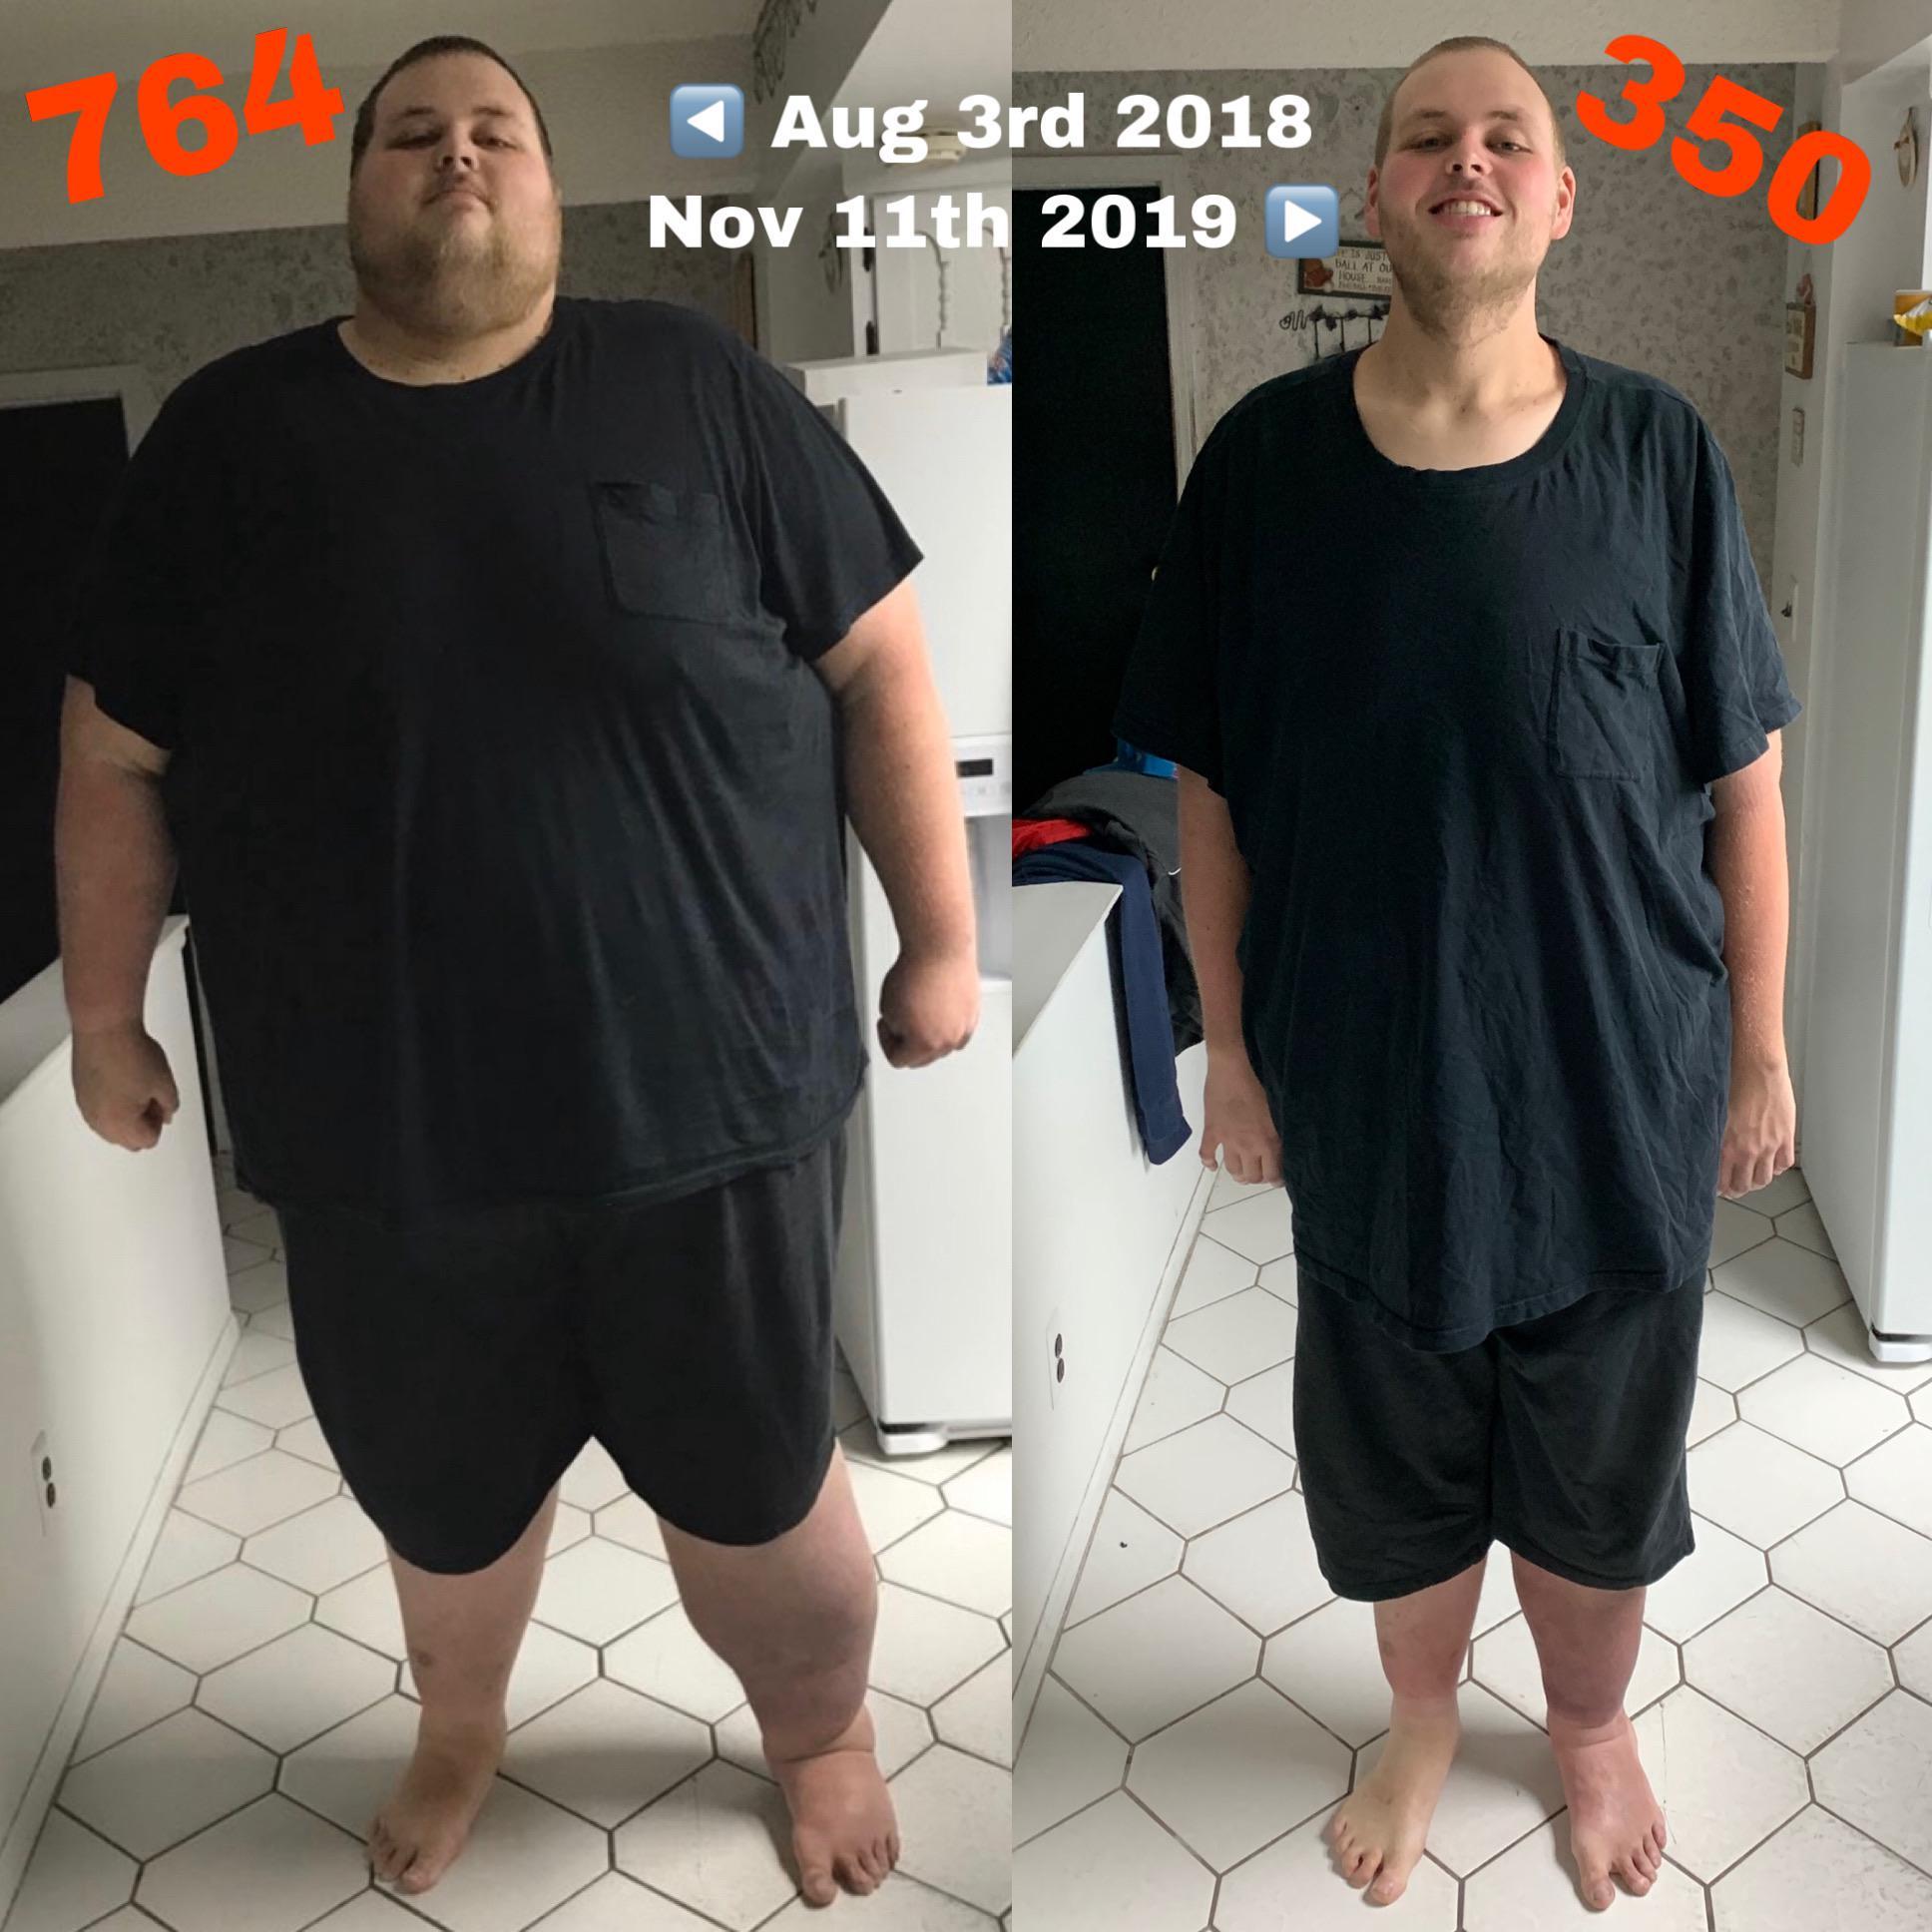 414 lbs Weight Loss 6 feet 8 Male 764 lbs to 350 lbs